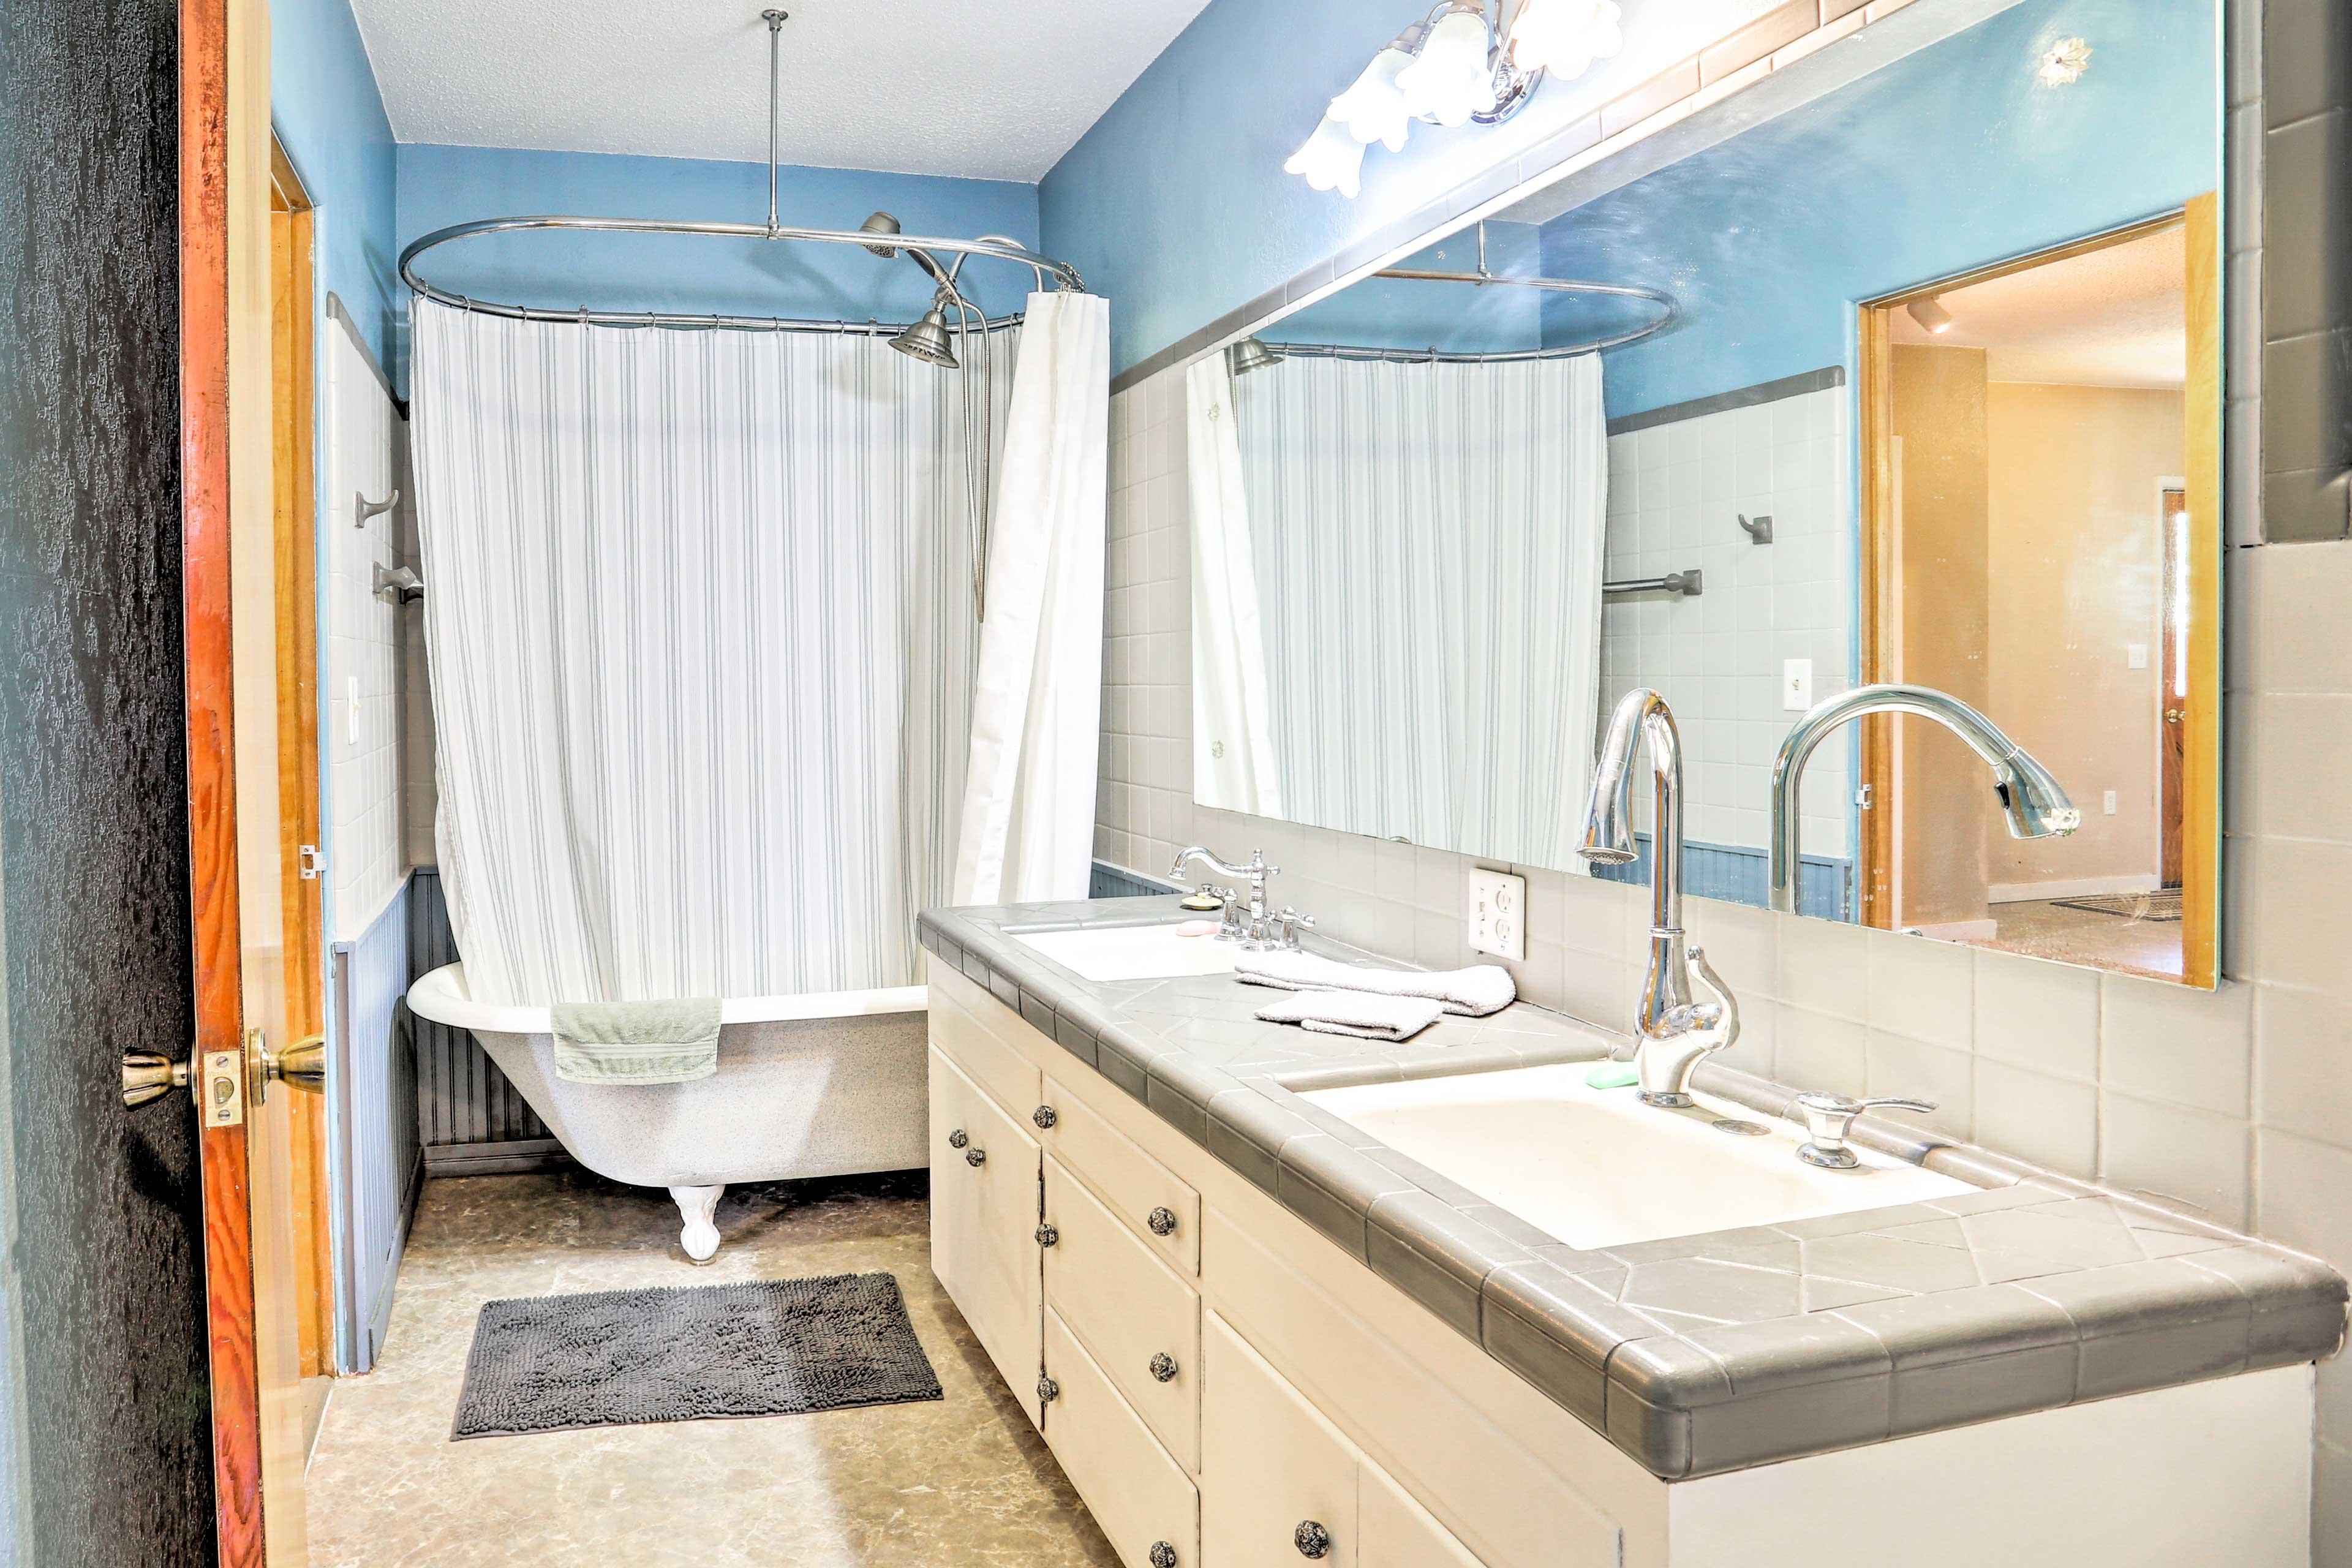 Sink into a hot bath in the clawfoot tub.